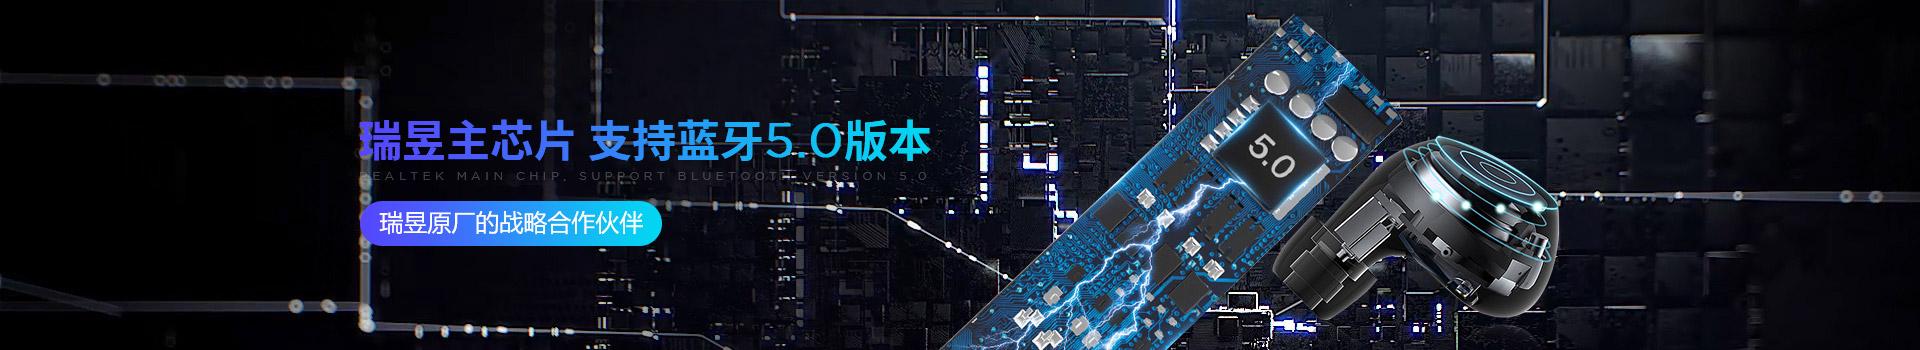 新世技术-瑞昱主芯片,支持蓝牙5.0版本